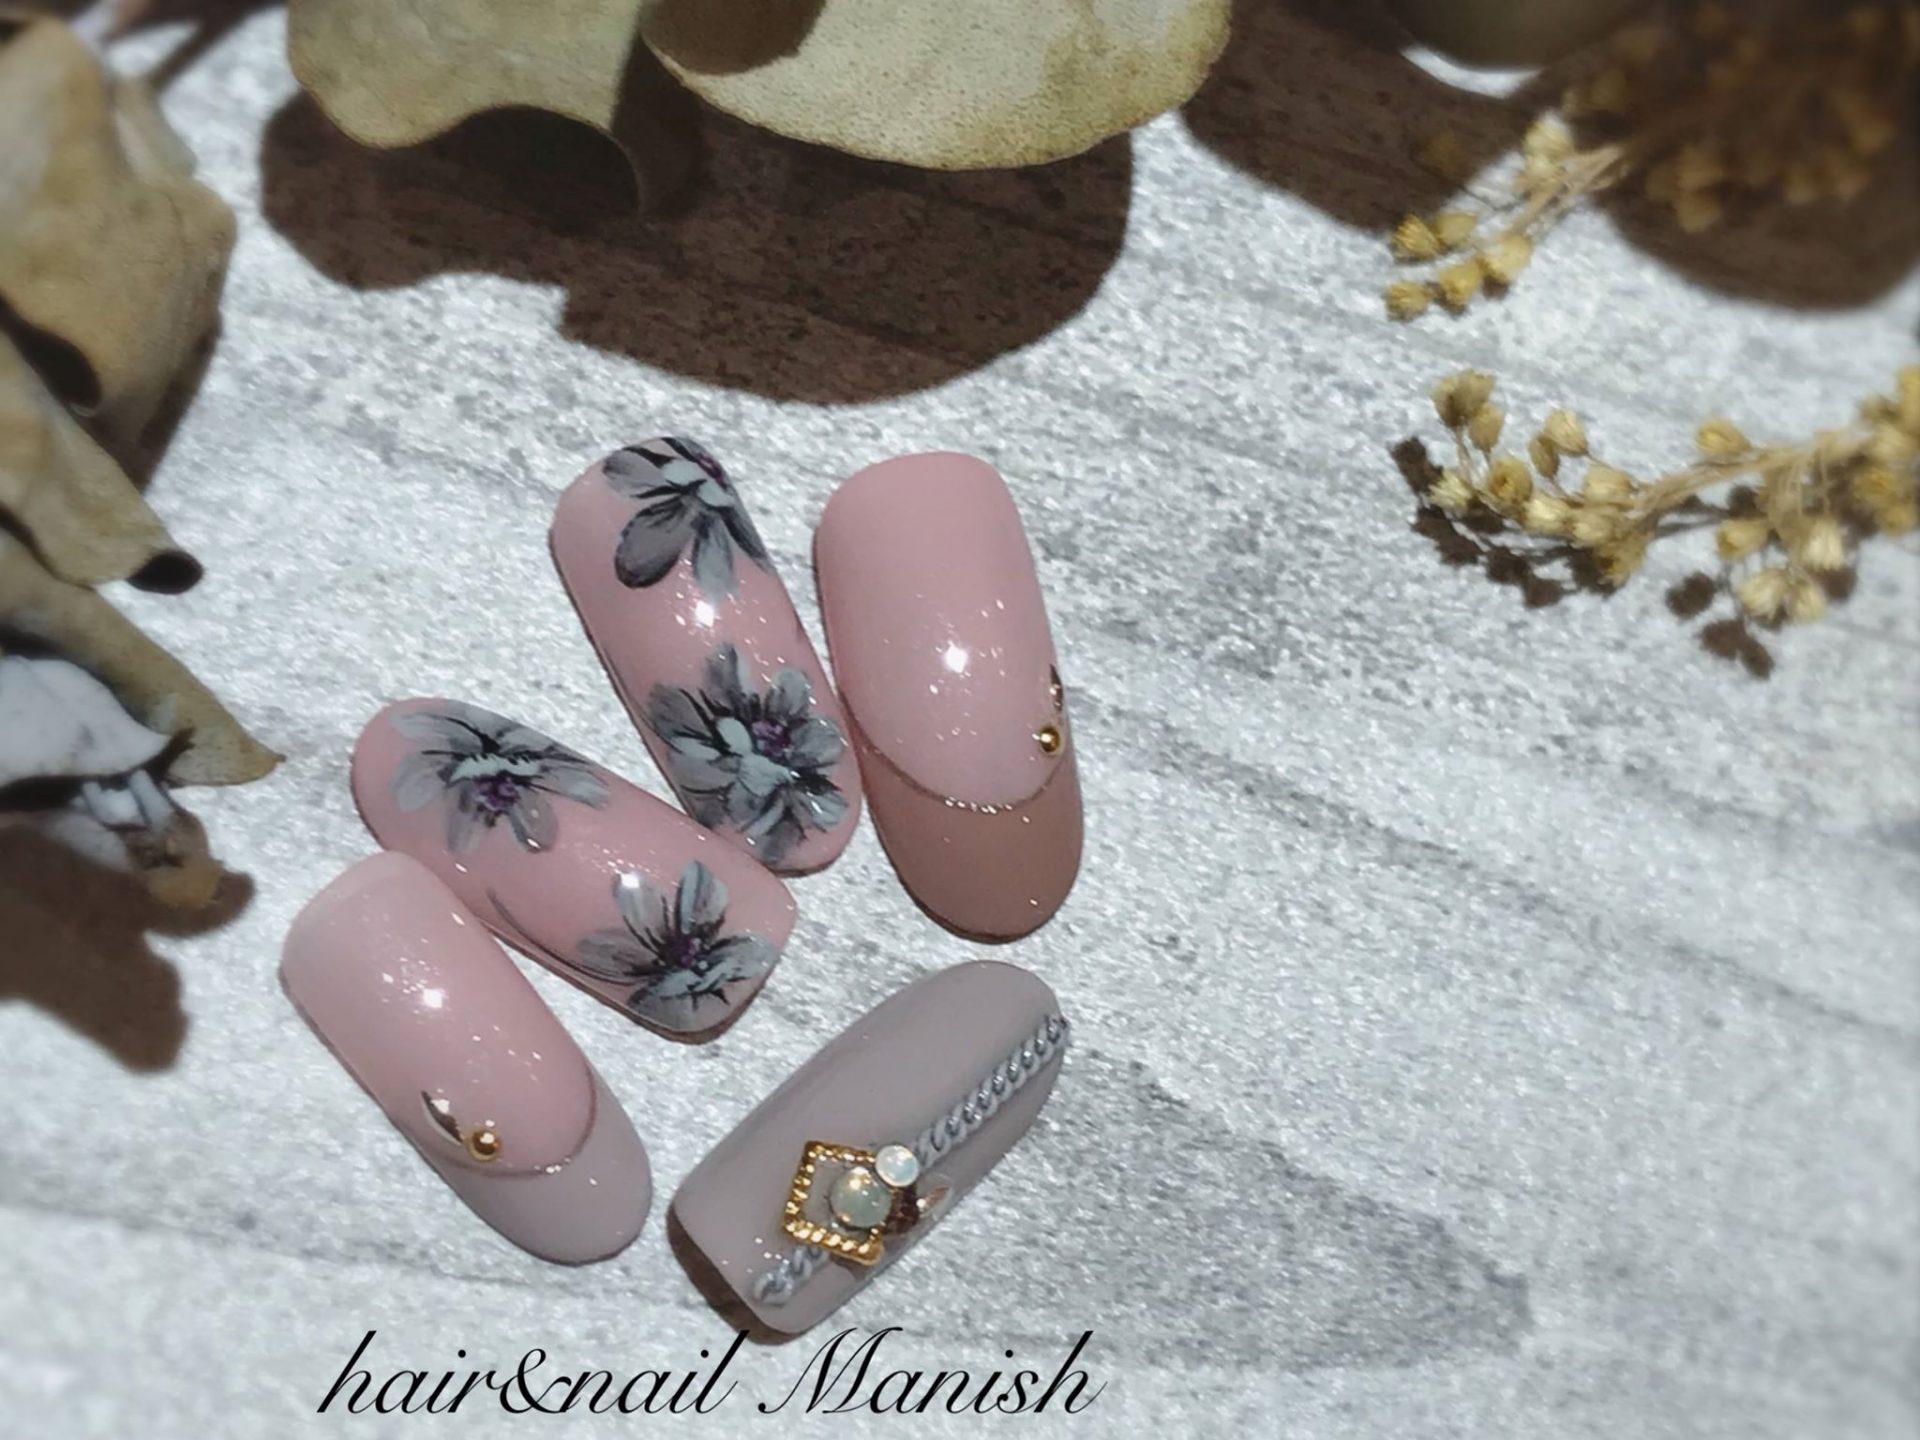 くすみピンクのベースに溶け込む、モノクロのお花が大人可愛いデザインです。